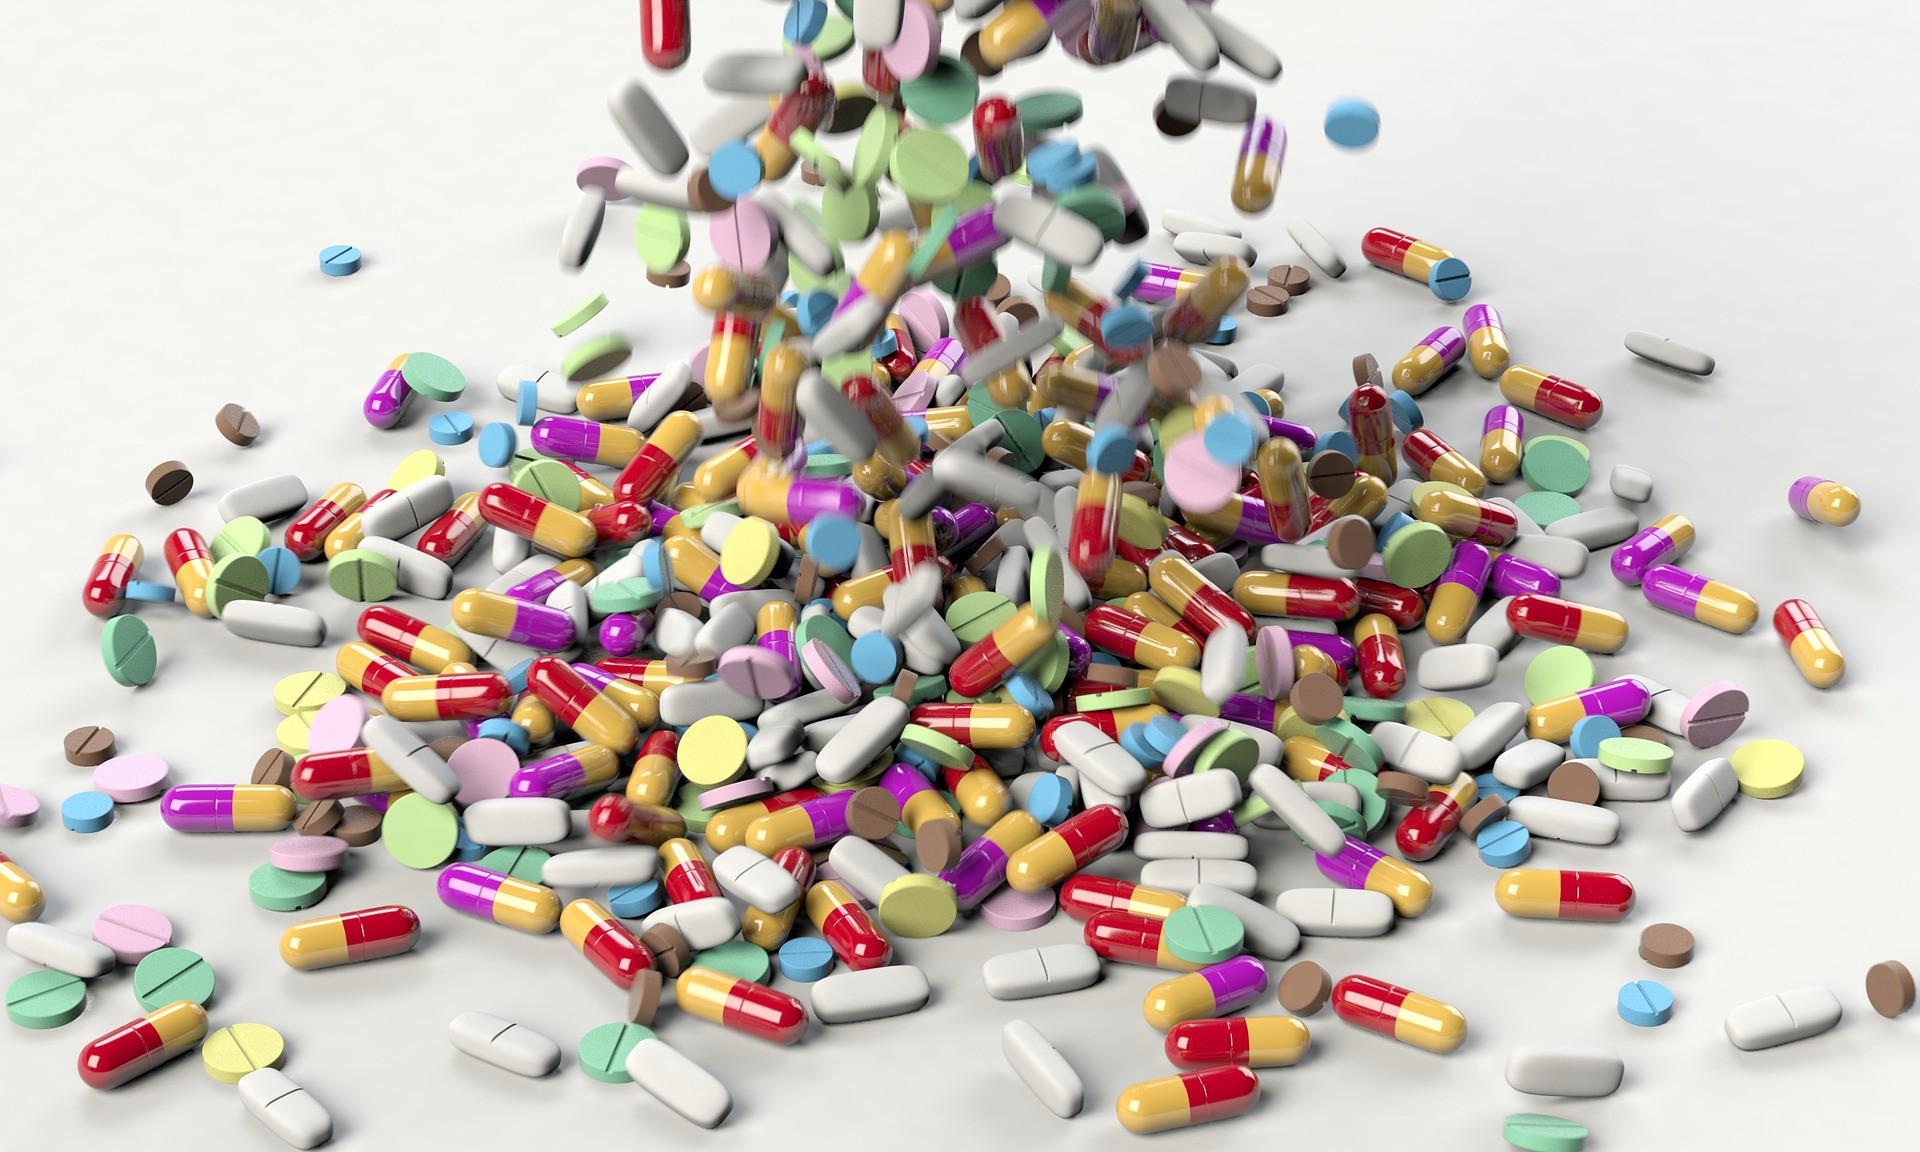 4 Obat yang Ampuh Menurunkan Gula Darah dan Dijual Secara Bebas - JPNN.com